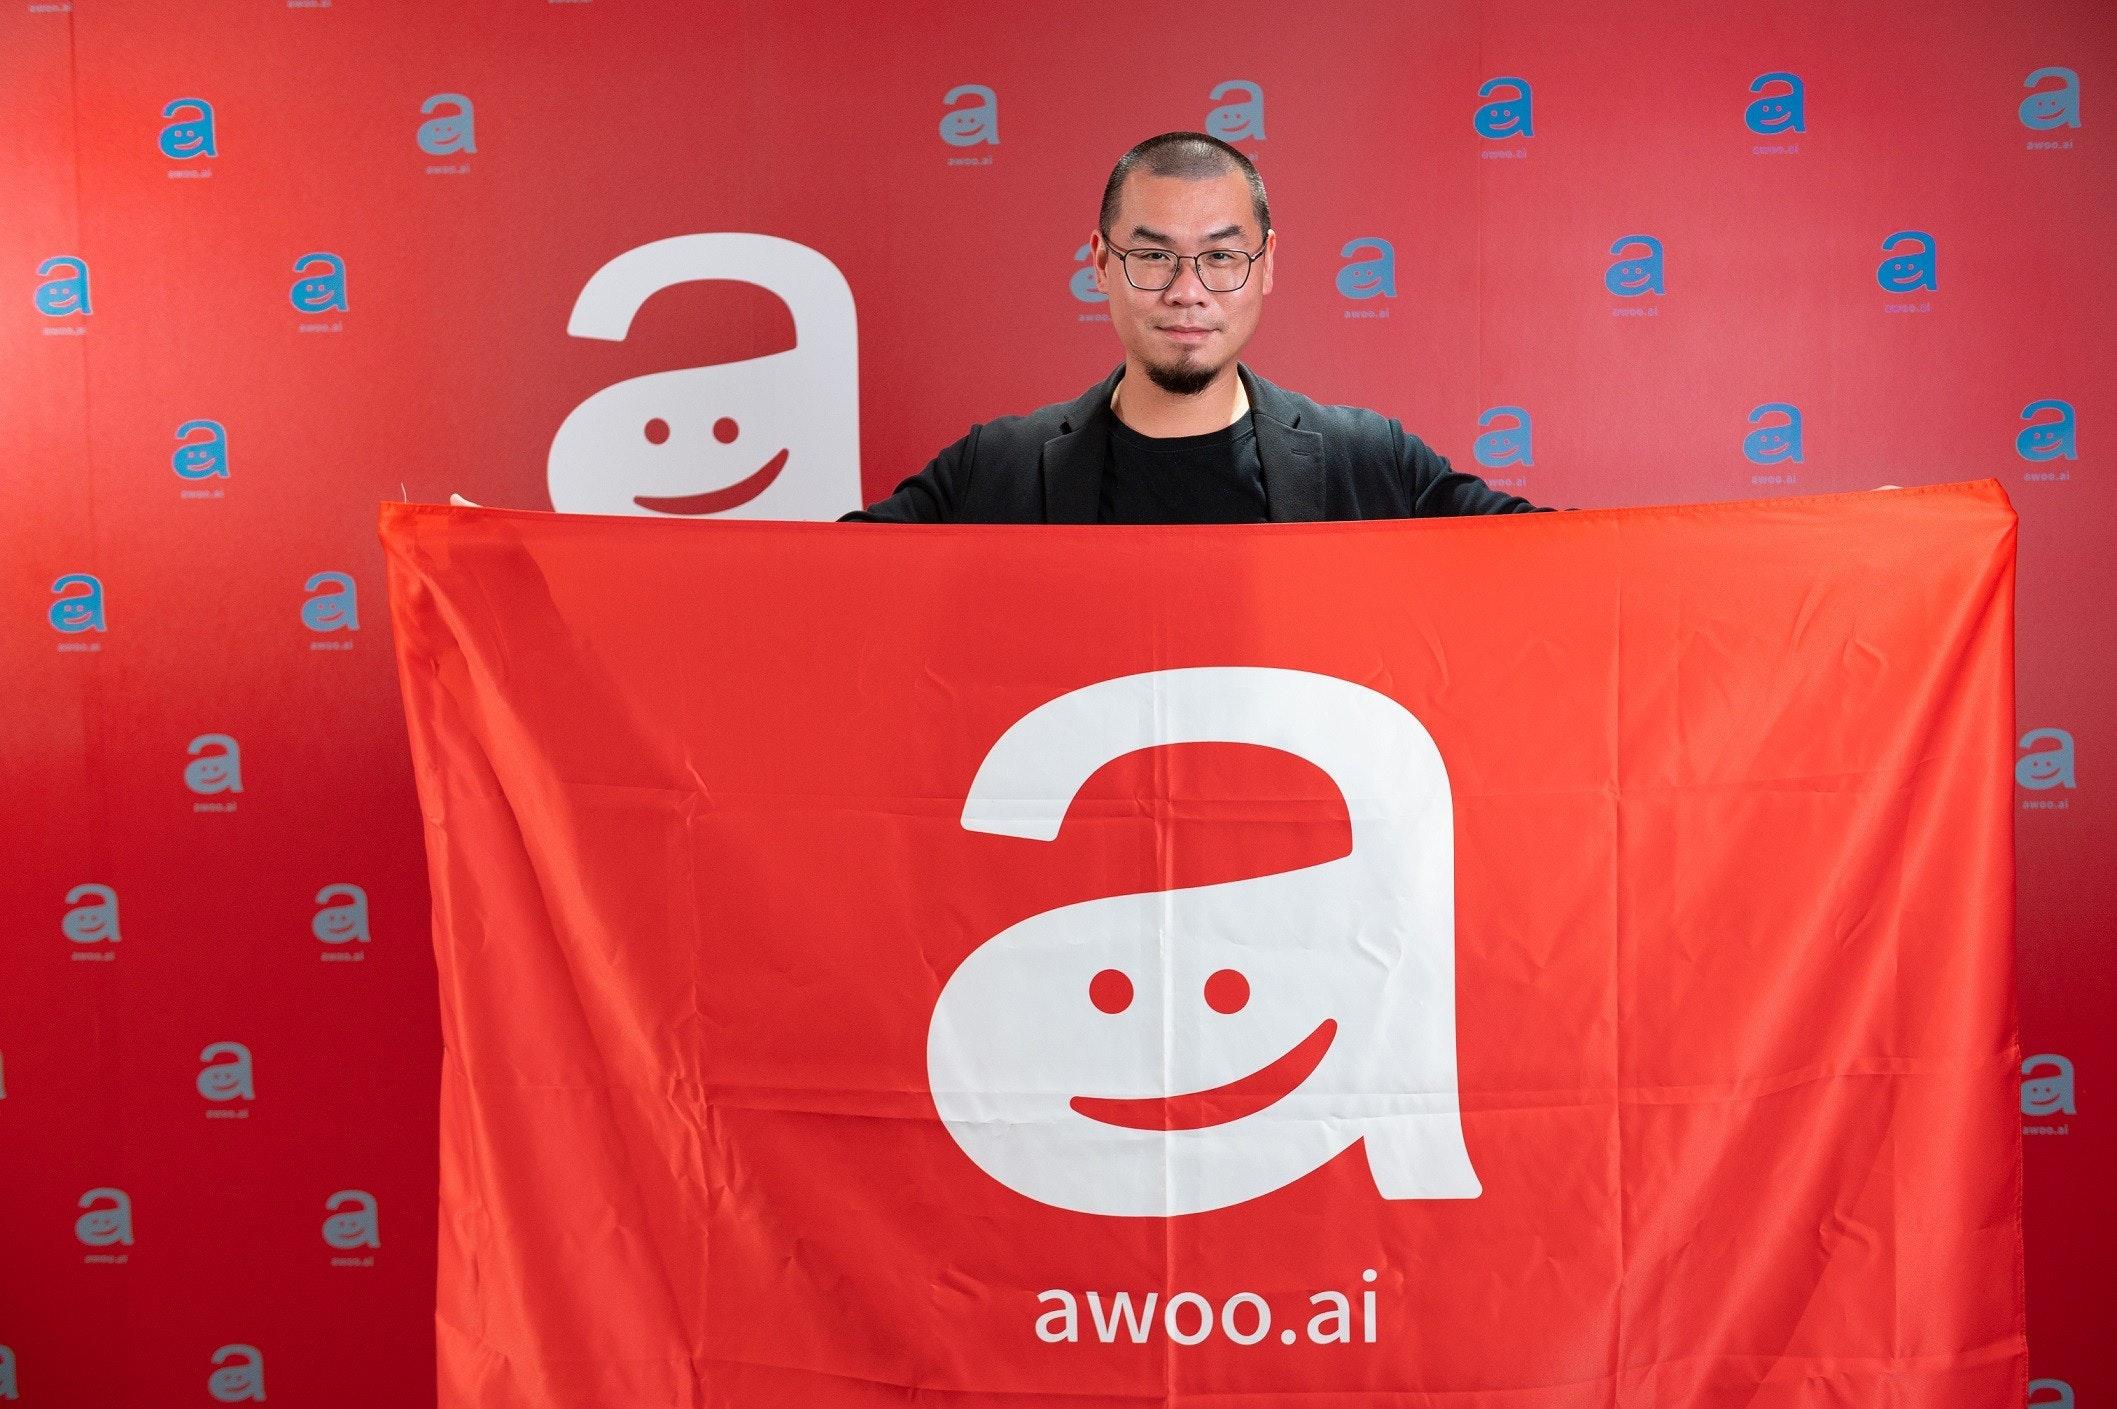 照片中提到了e oome、awos.ai、w.al,跟MailChimp有關,包含了博卡的餐廳、服務、產品、牌、新聞稿